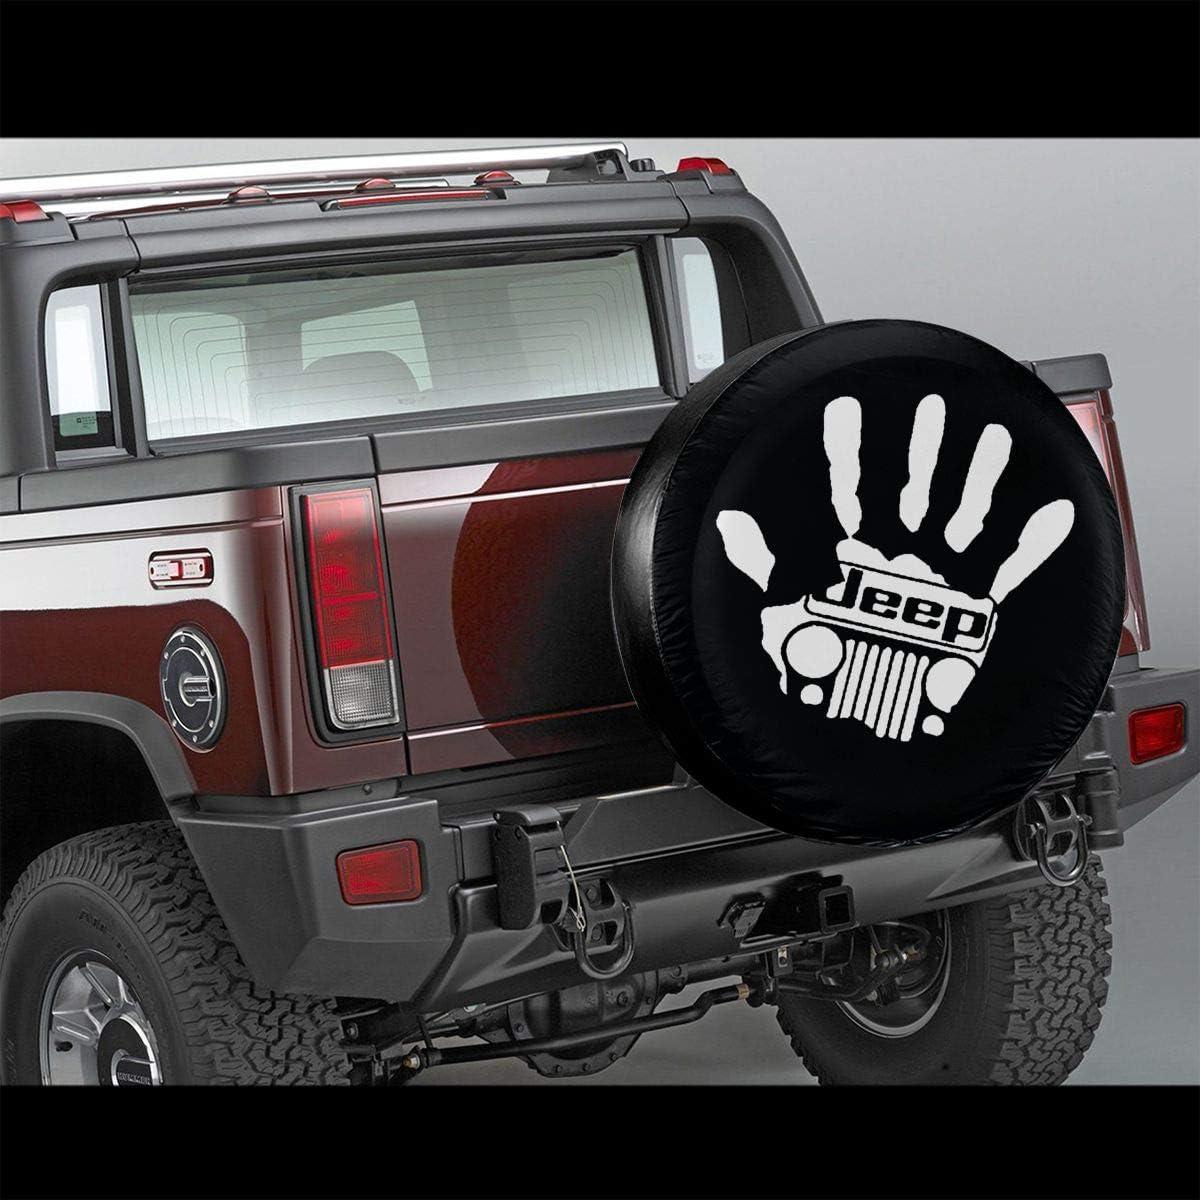 Pour Jeep remorque Housse de pneu de rechange pour pneus camion Protection solaire imperm/éable /à leau et /à la poussi/ère Personnalisable En polyester Veelu SUV RV